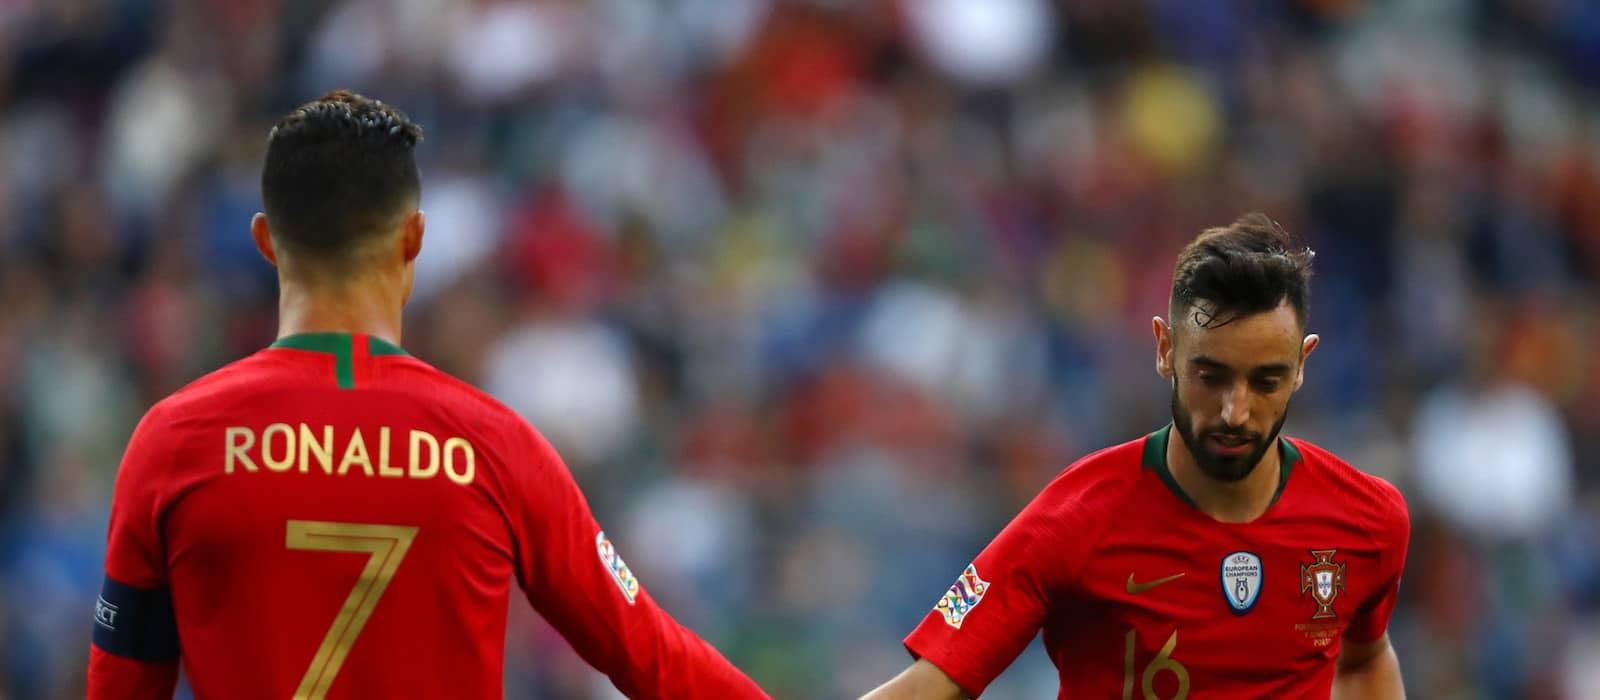 Ed Woodward fiddles while Manchester United burns: Bruno Fernandes deal unravels